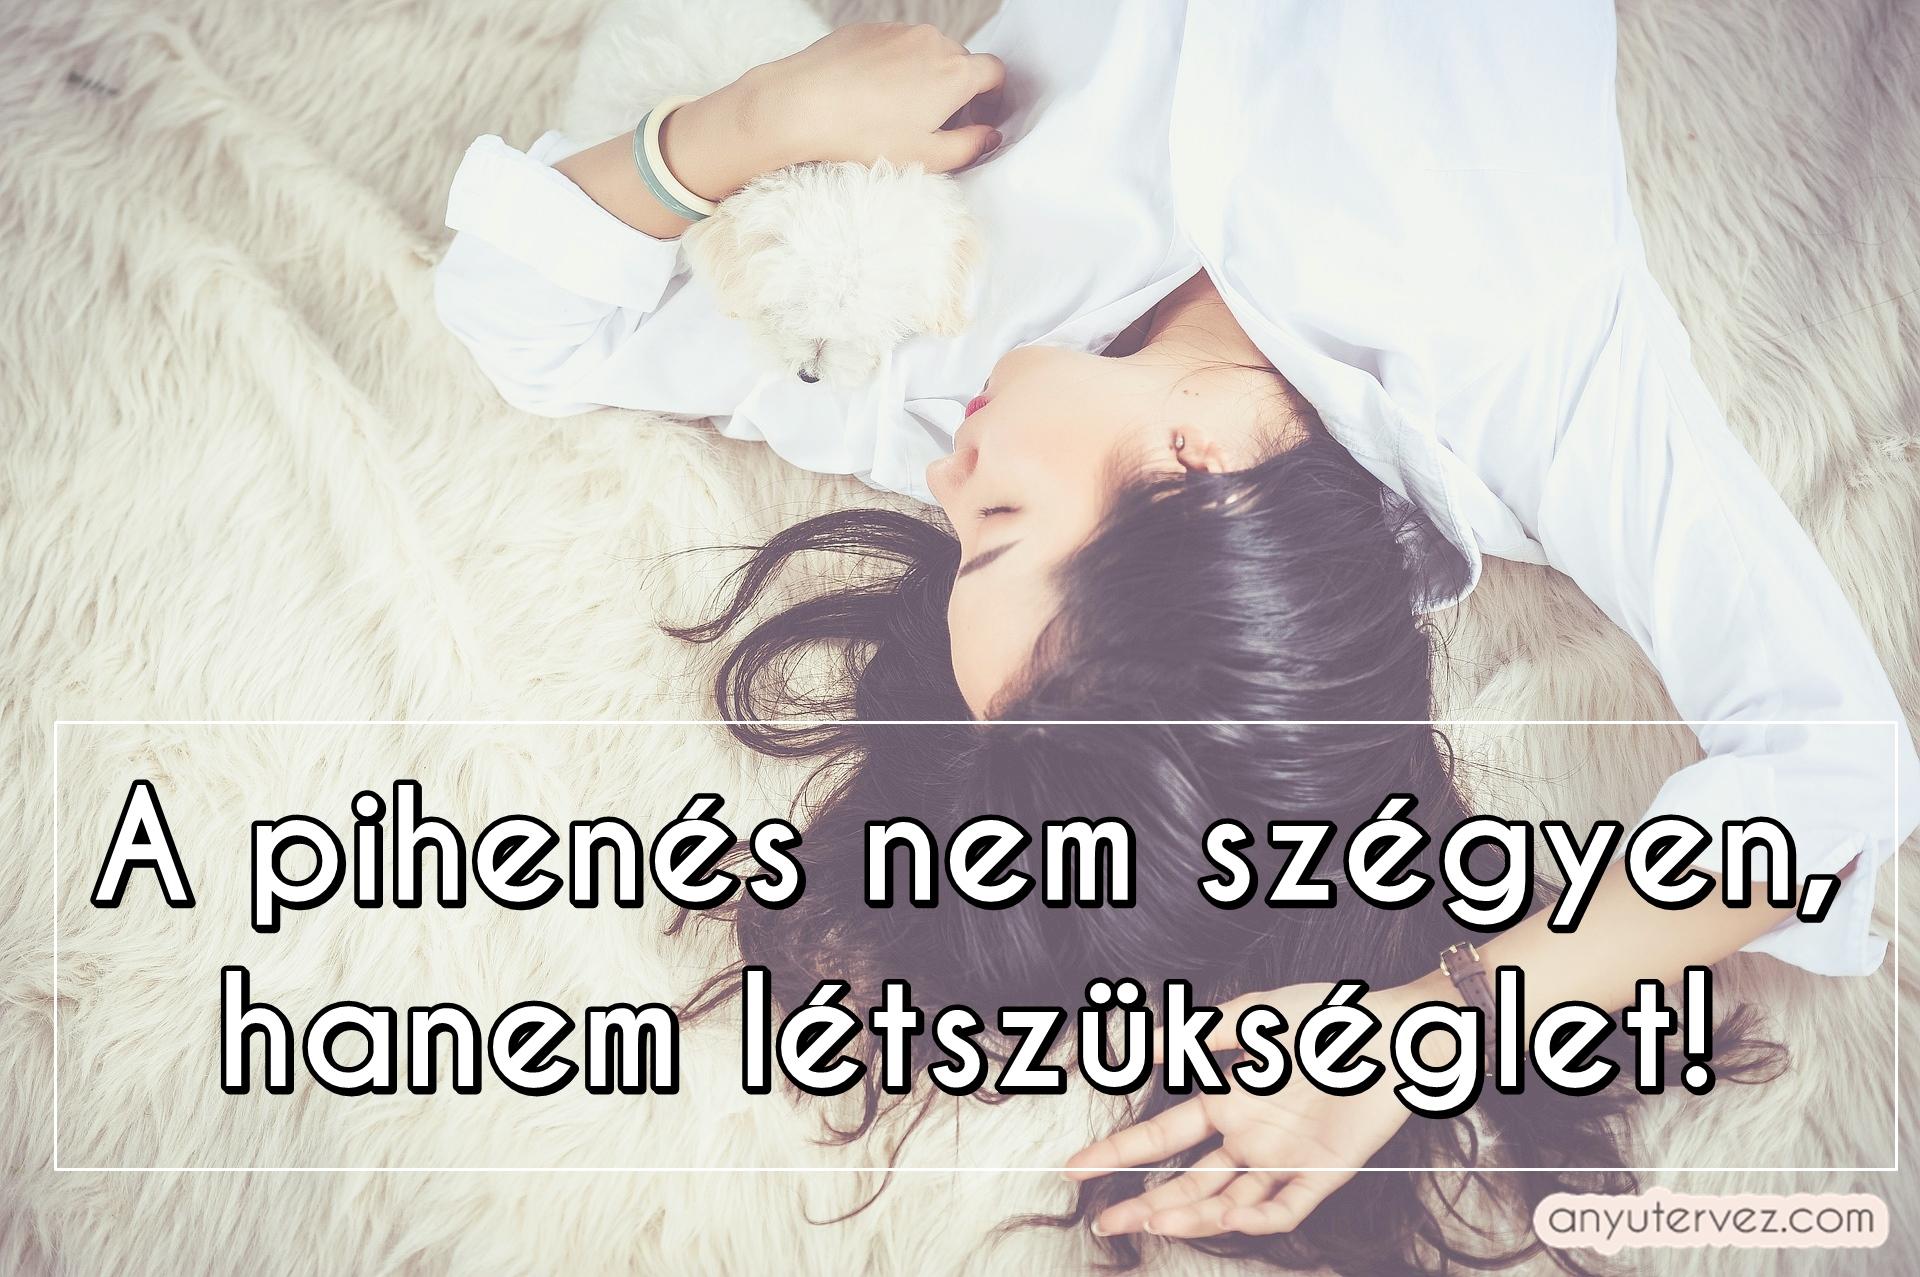 girl-1733352_1920